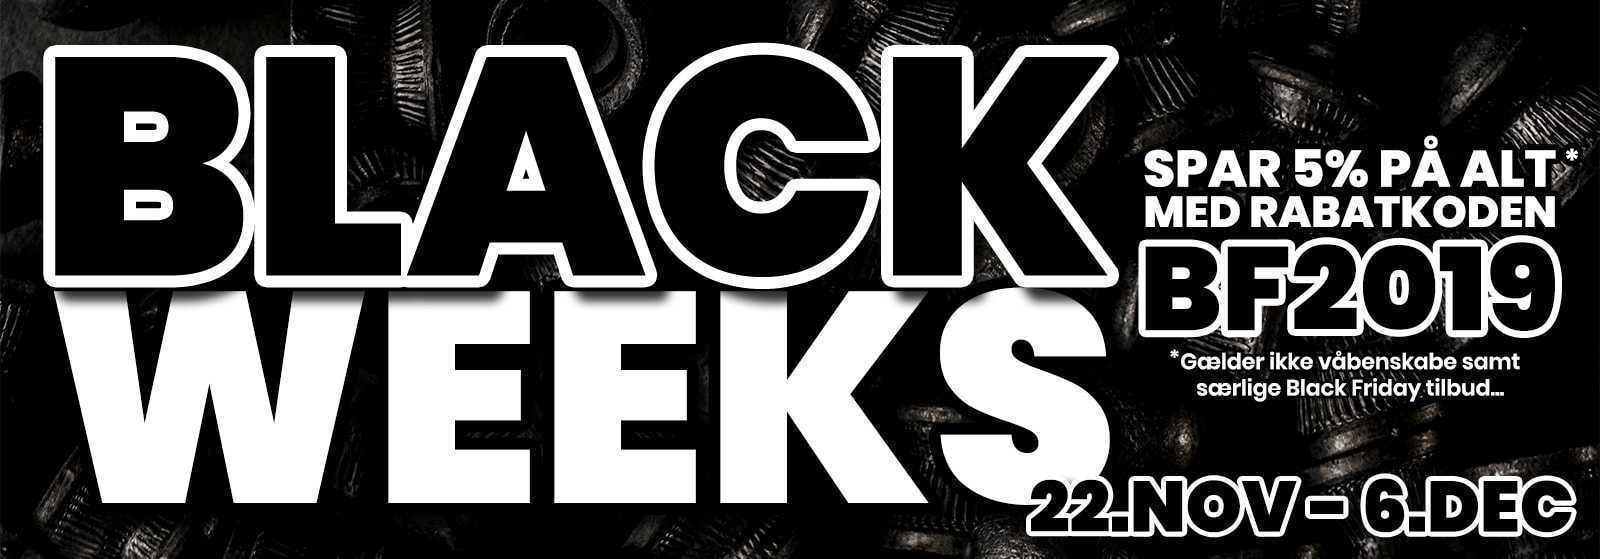 Black Week & Black Friday på AIRGUN.dk